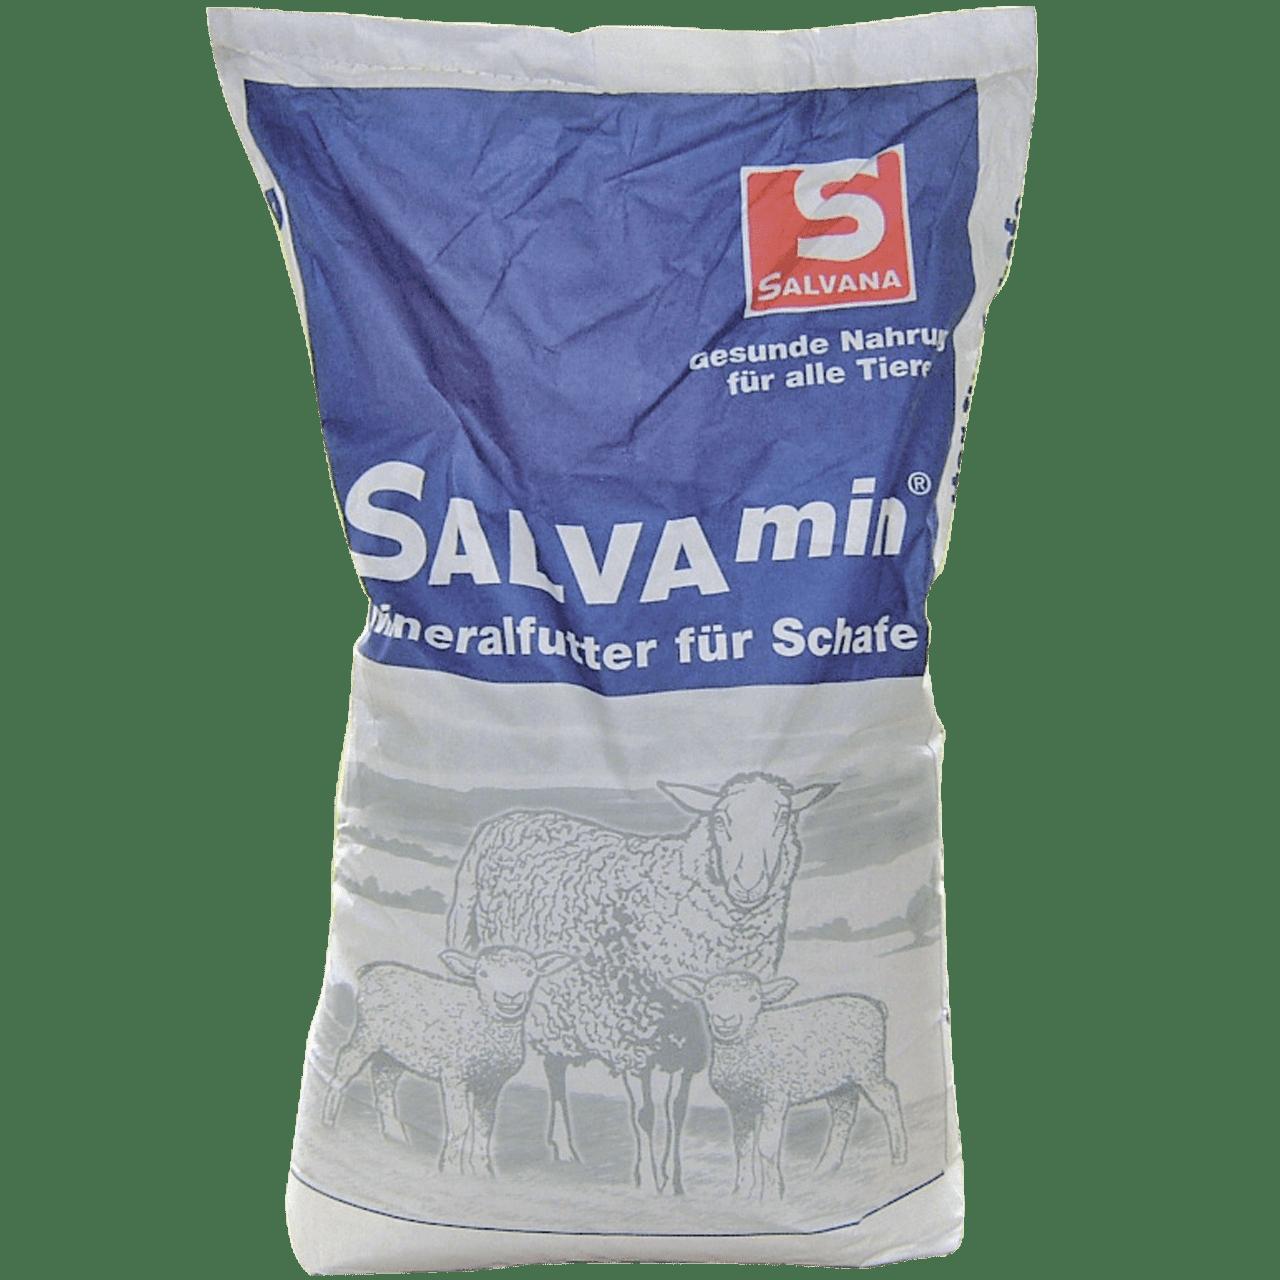 SALVANA SCHAFMINERAL